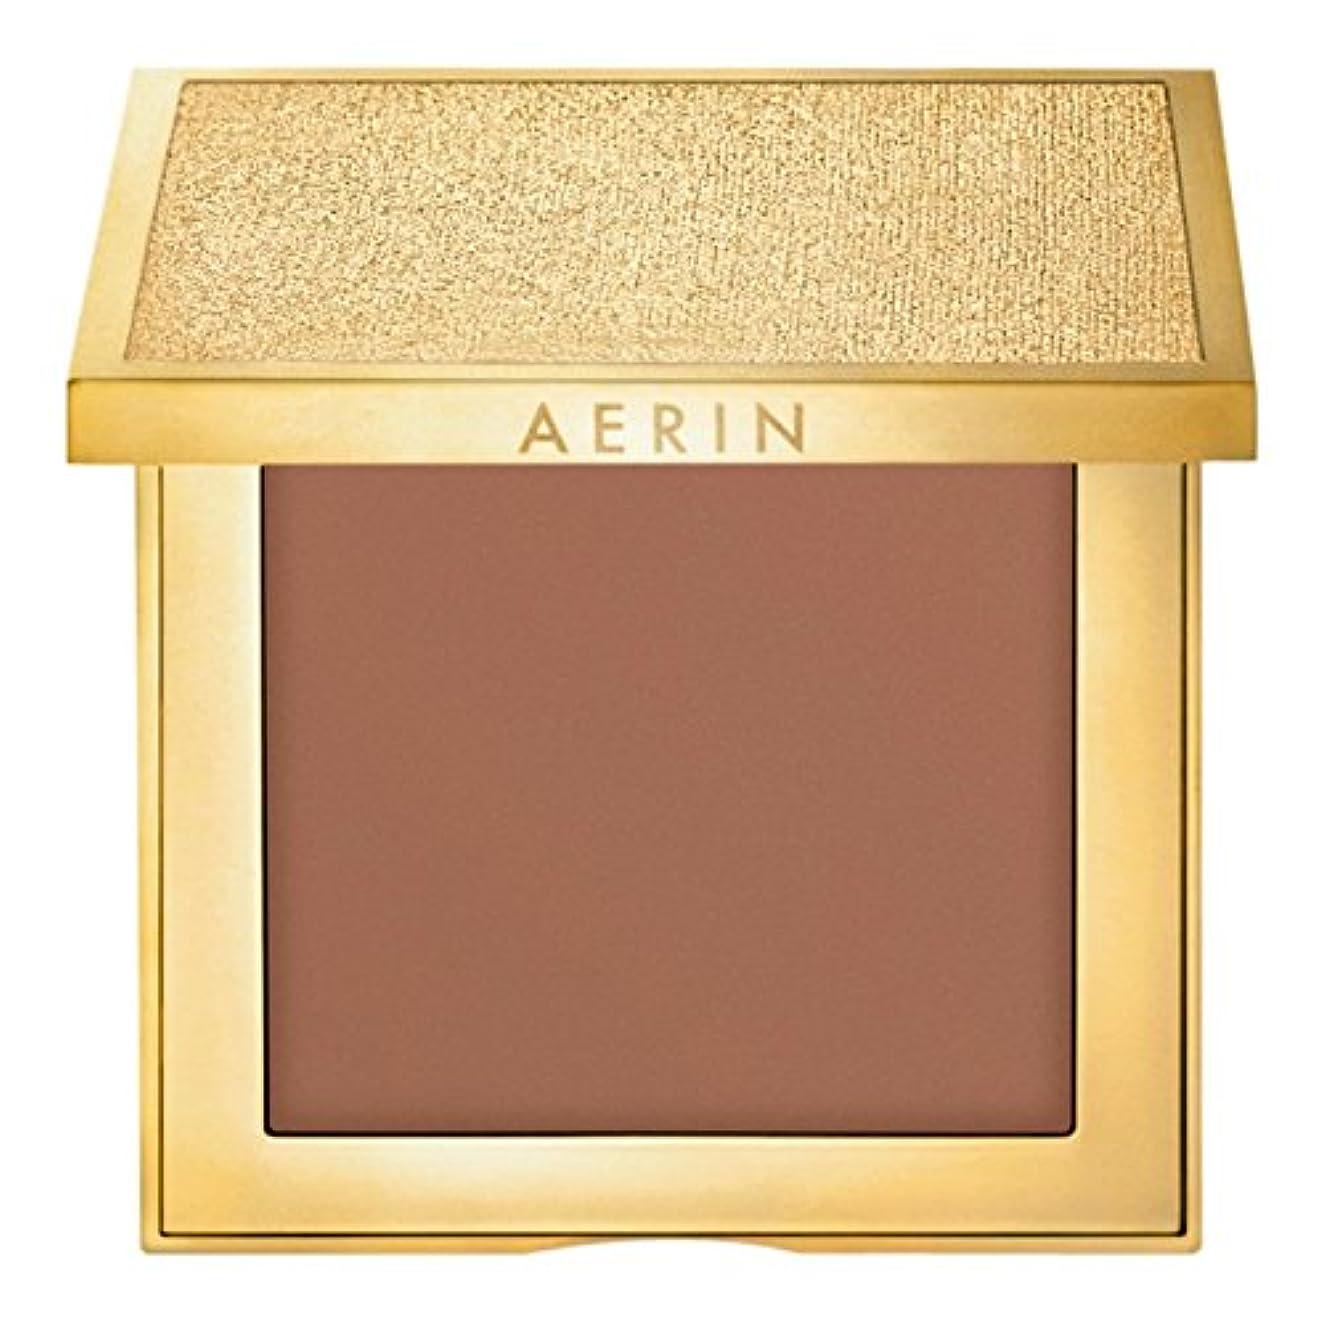 レーニン主義種類ハプニングAerin新鮮な肌コンパクトメイクアップレベル6 (AERIN) (x2) - AERIN Fresh Skin Compact Makeup Level 6 (Pack of 2) [並行輸入品]